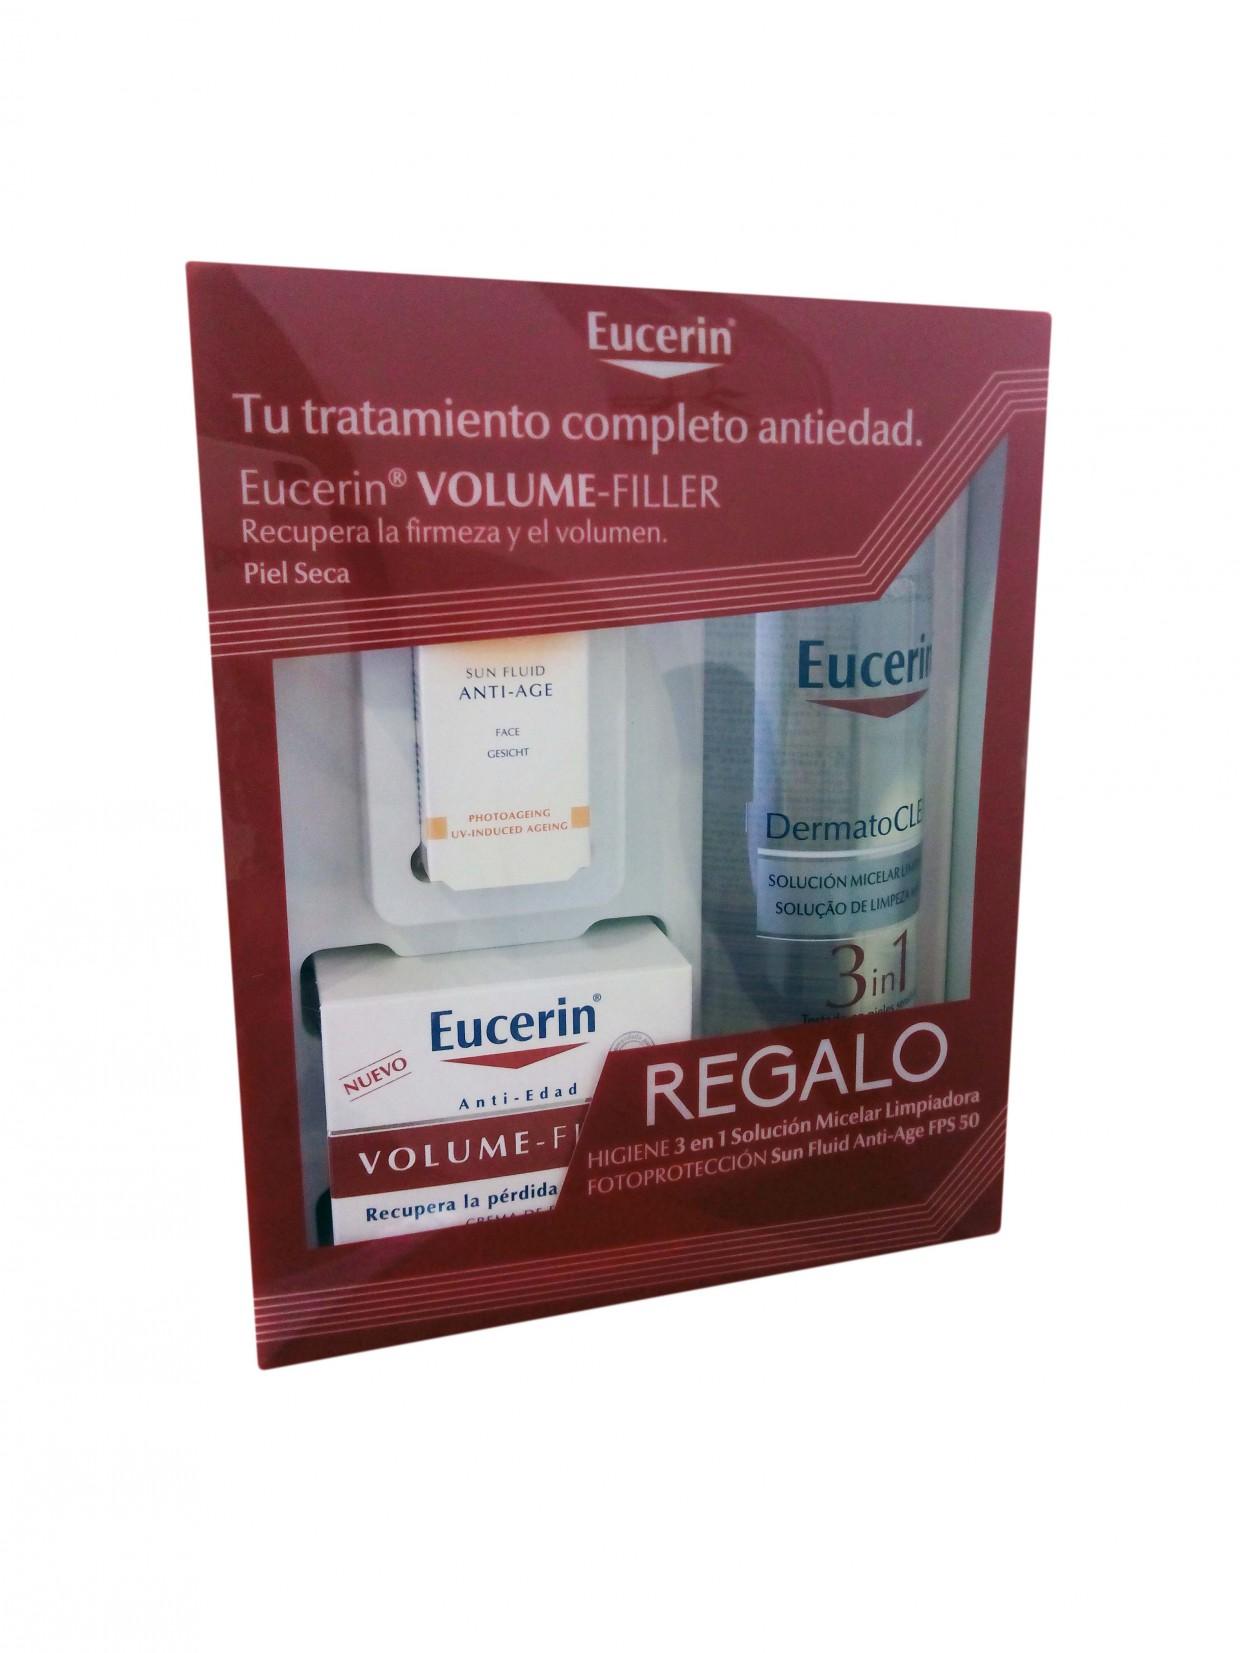 Eucerin Volume Filler Crema Dia piel seca 50ml